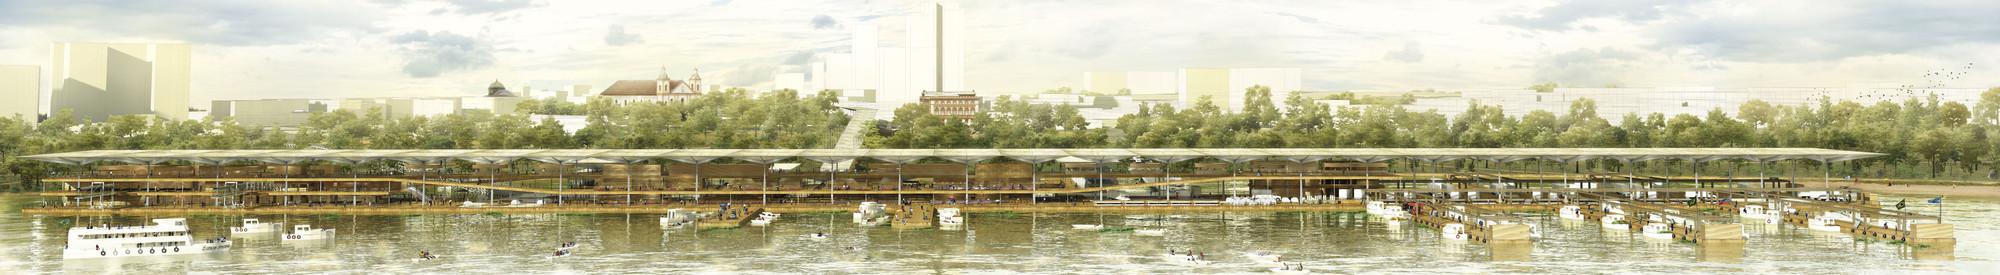 Vista desde el río. Image Cortesia de Estudio mono